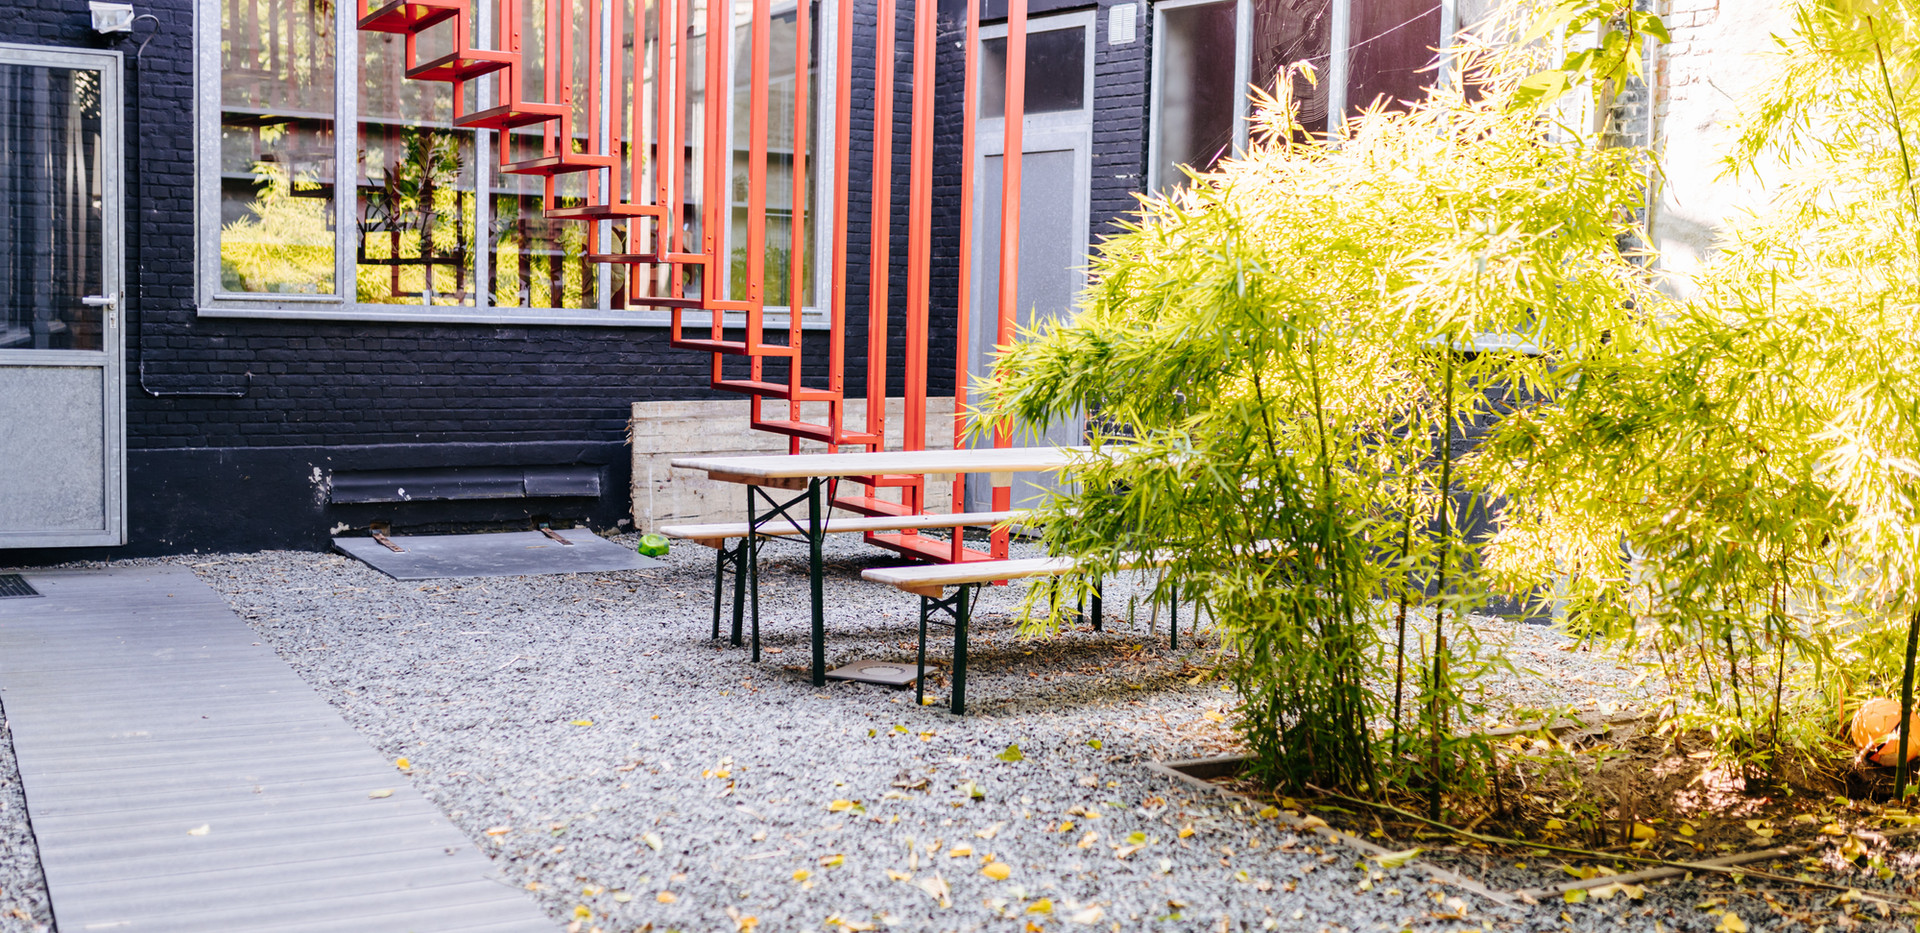 Ingang via binnentuin vergaderruimte